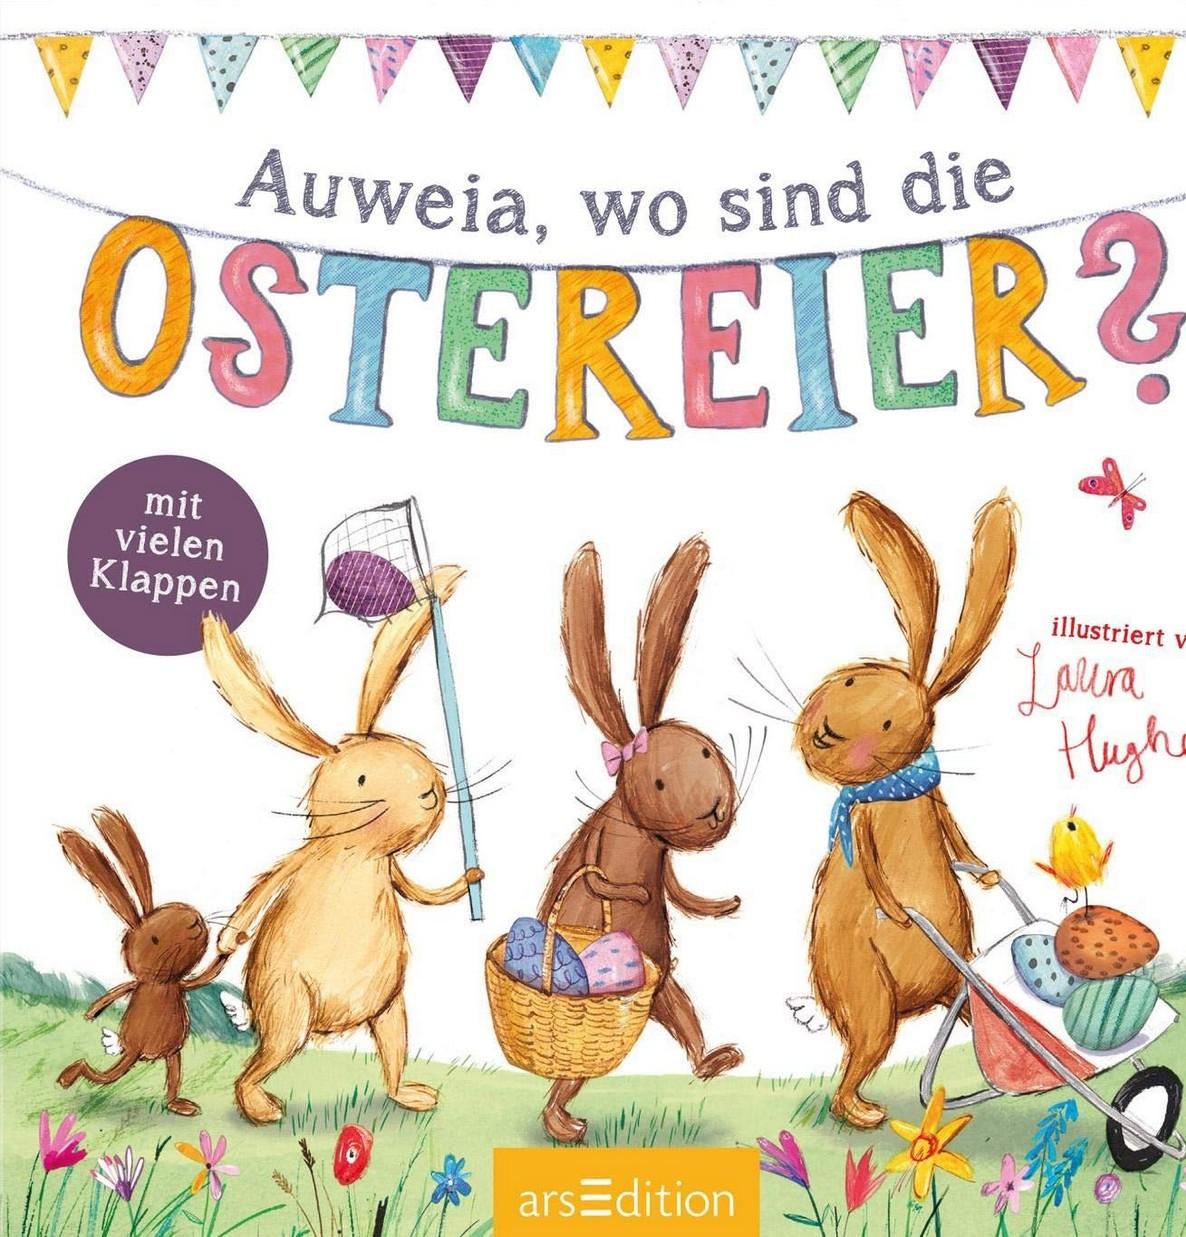 Auweia, wo sind die Ostereier?